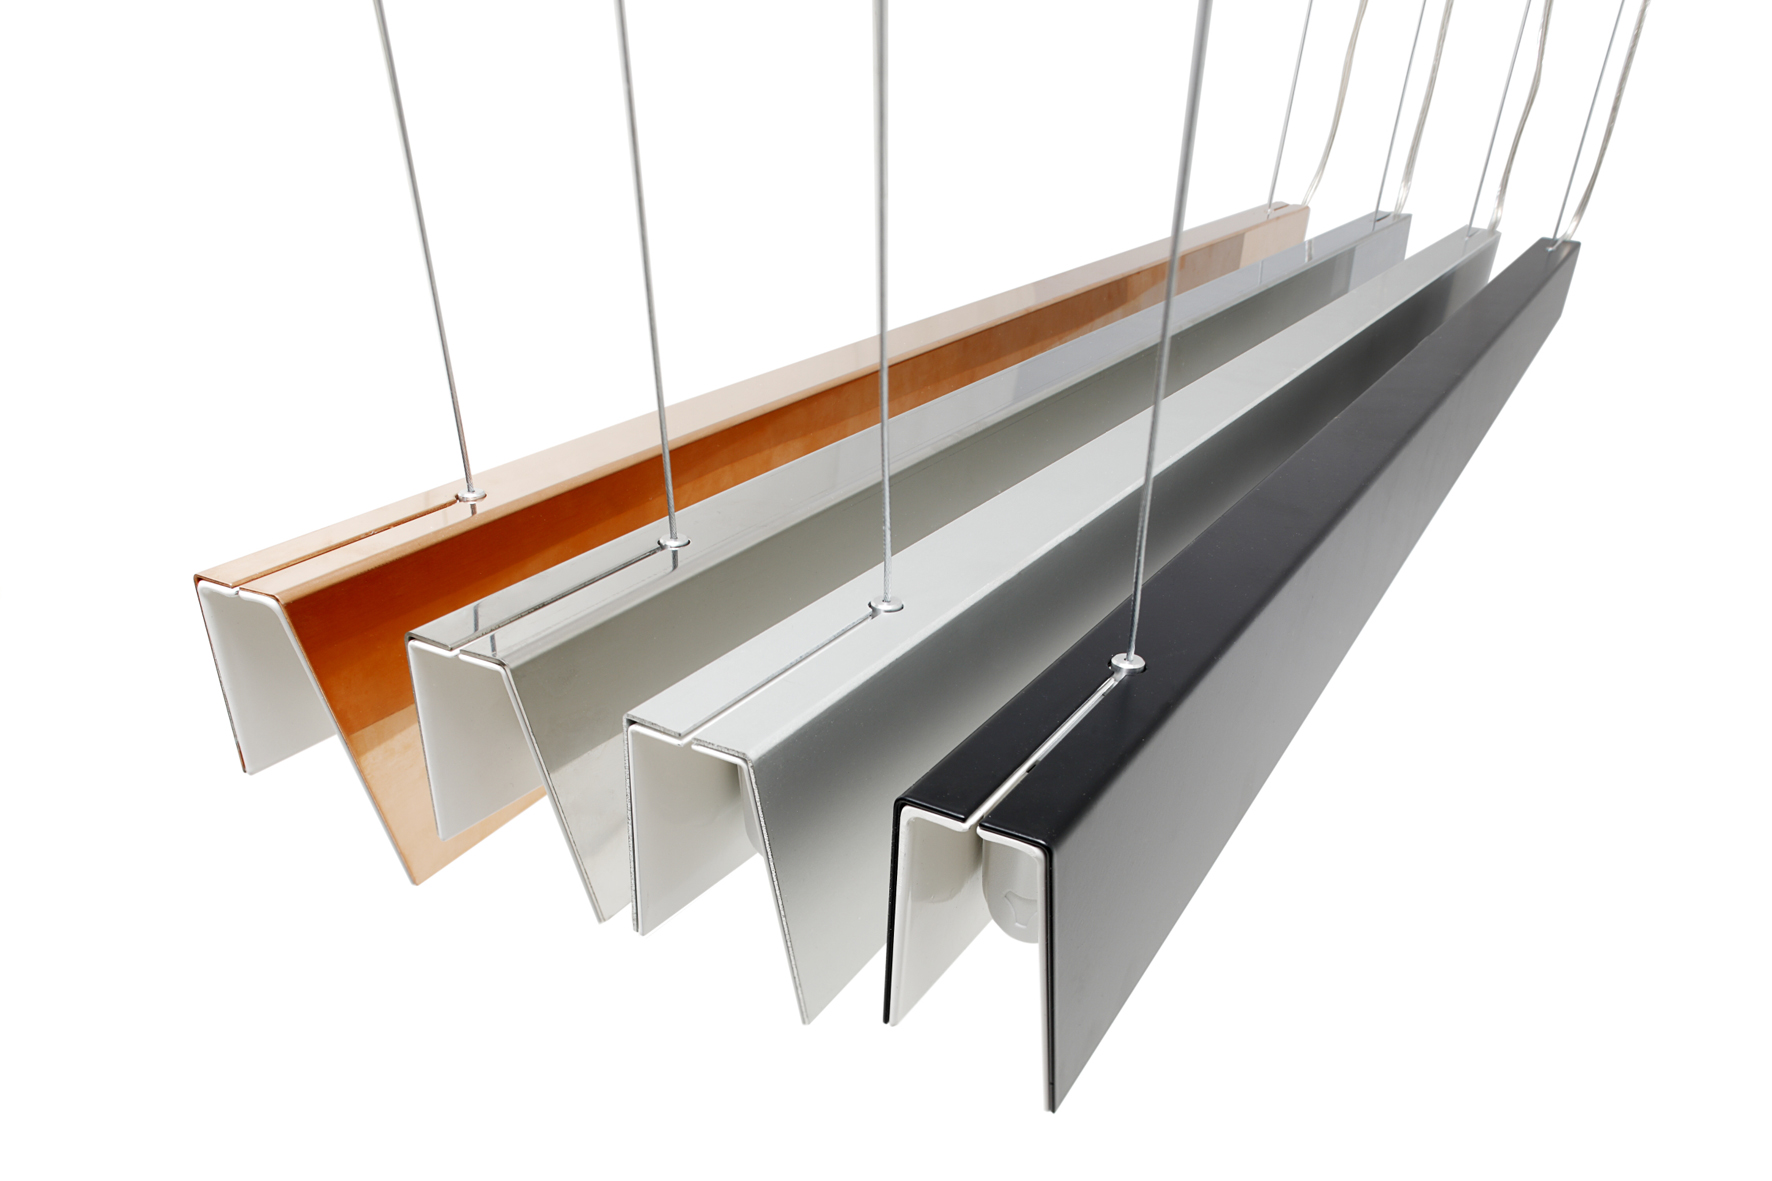 Fonk lifestyle peter van de water ontwerpt gispen tafel en lamp - S van de bureau ...